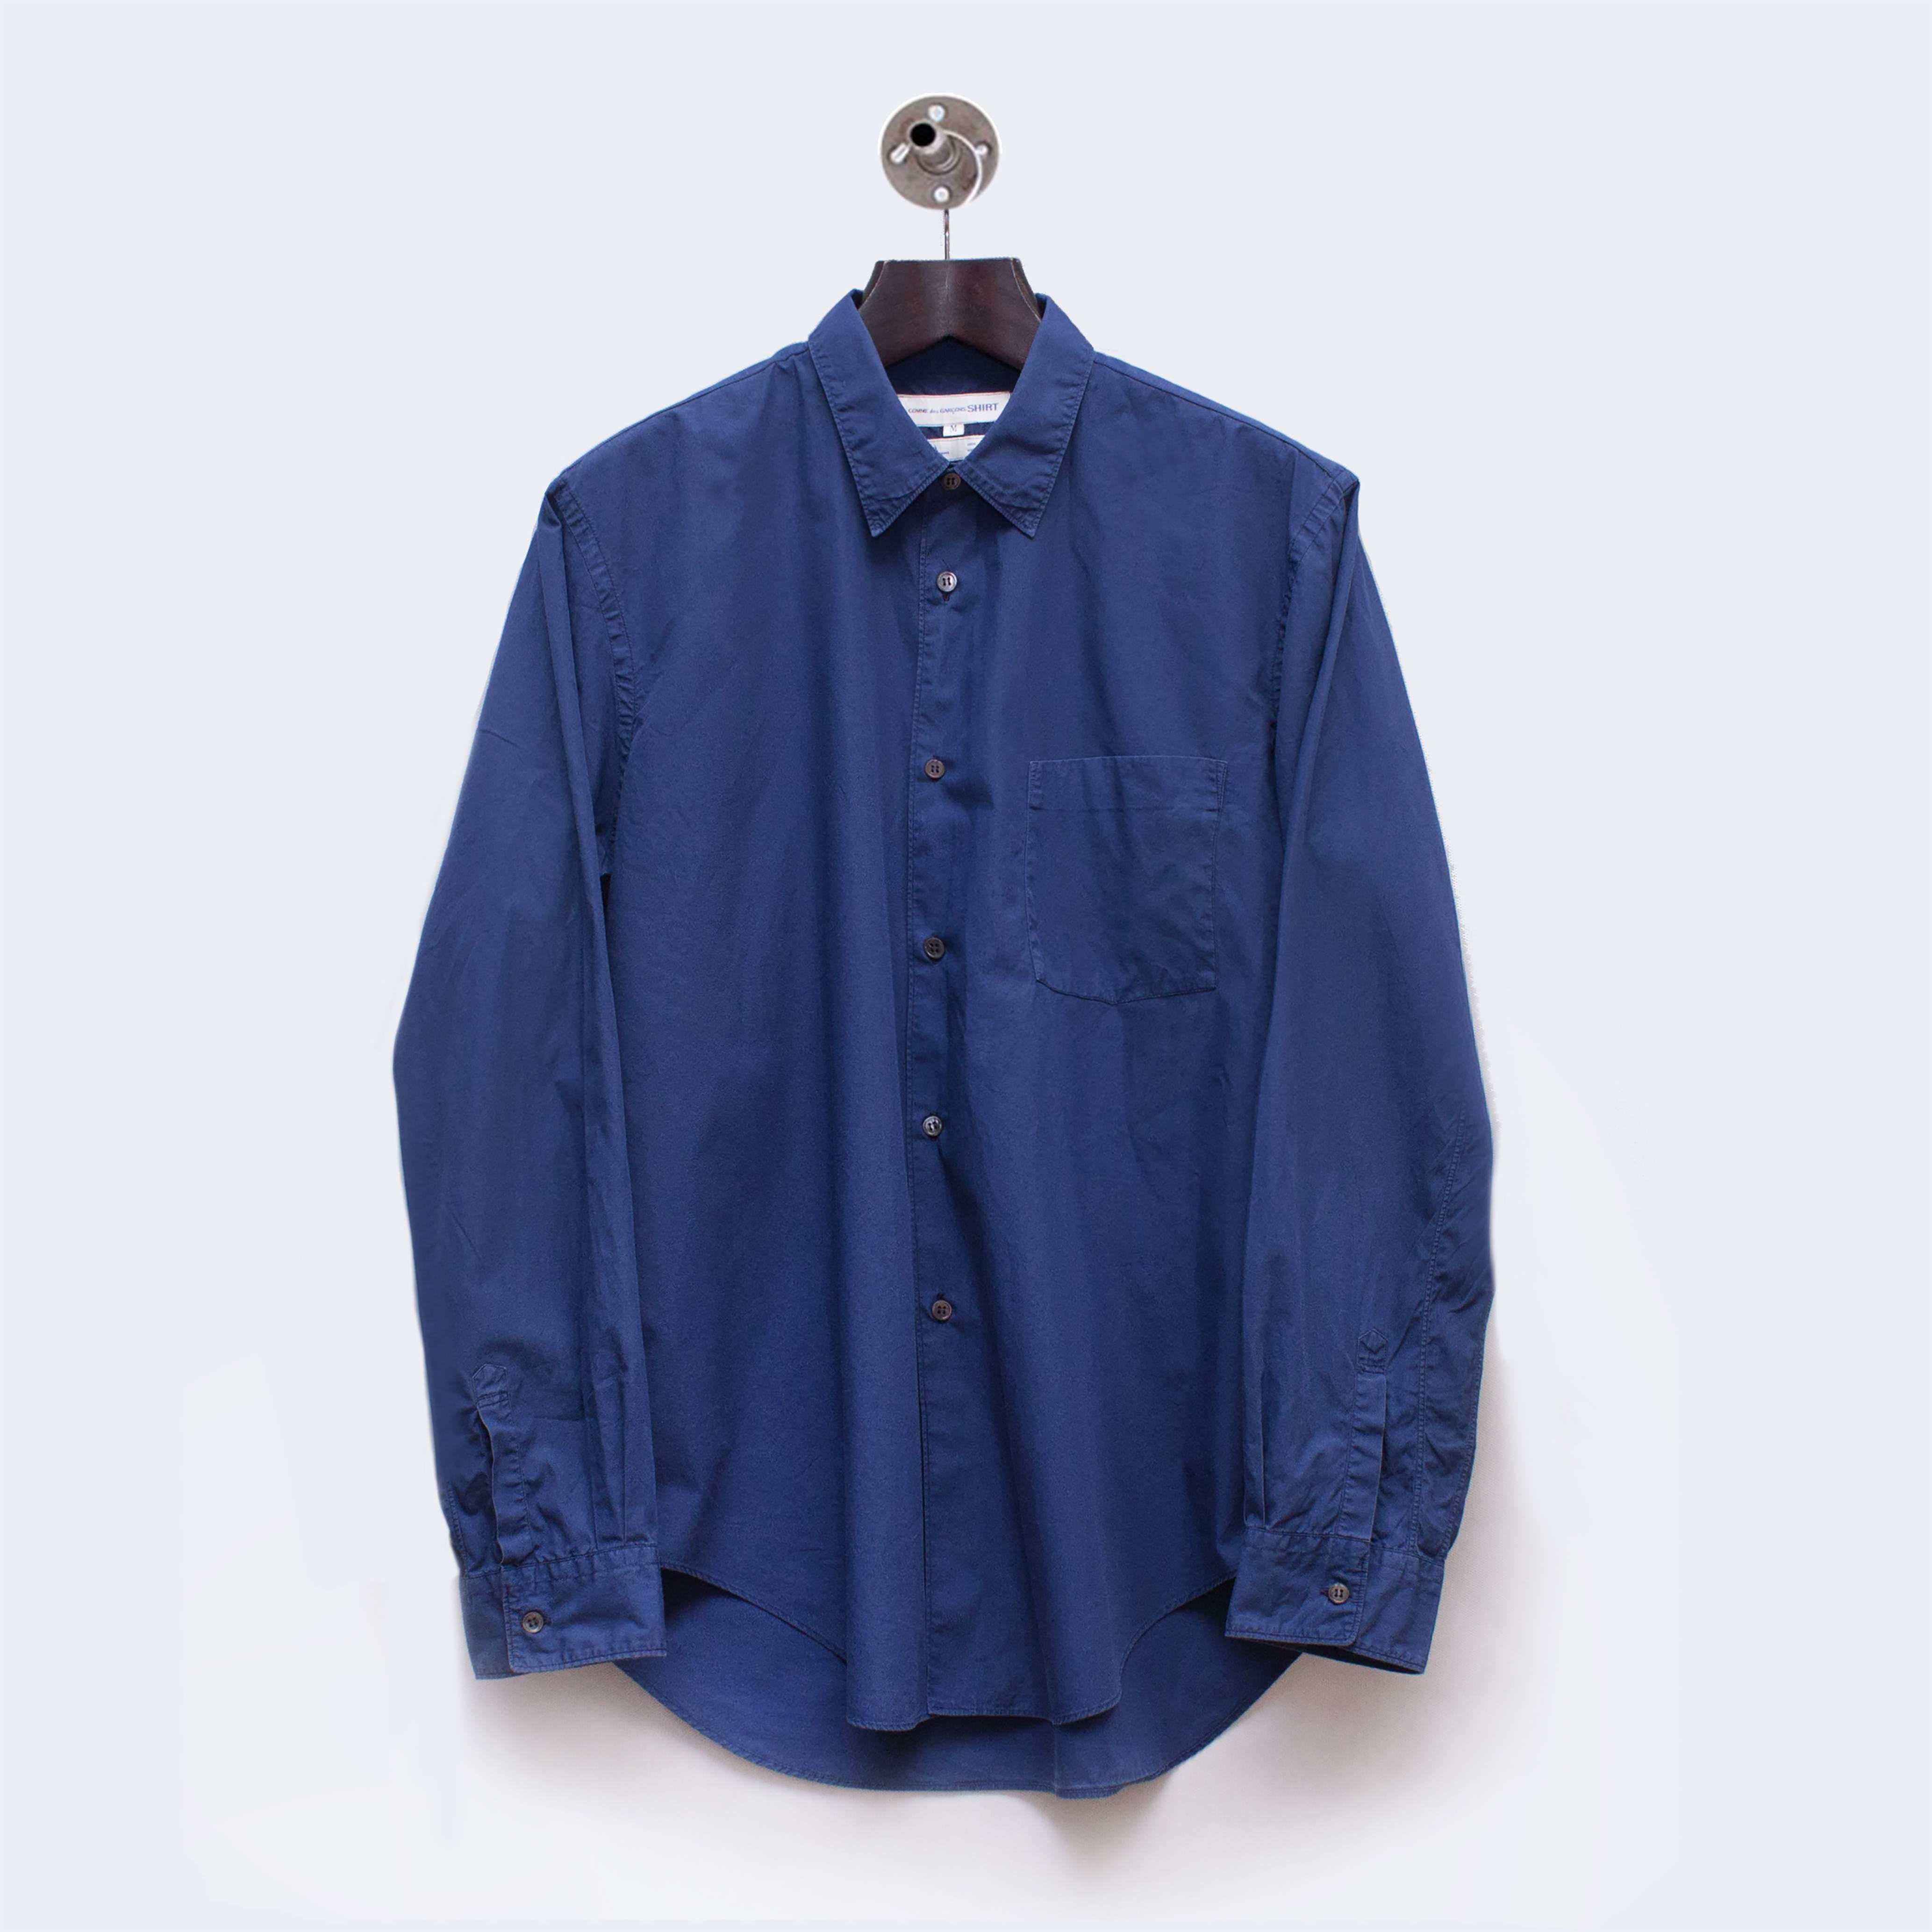 Comme des Garçons Shirt overdyed royal blue shirt